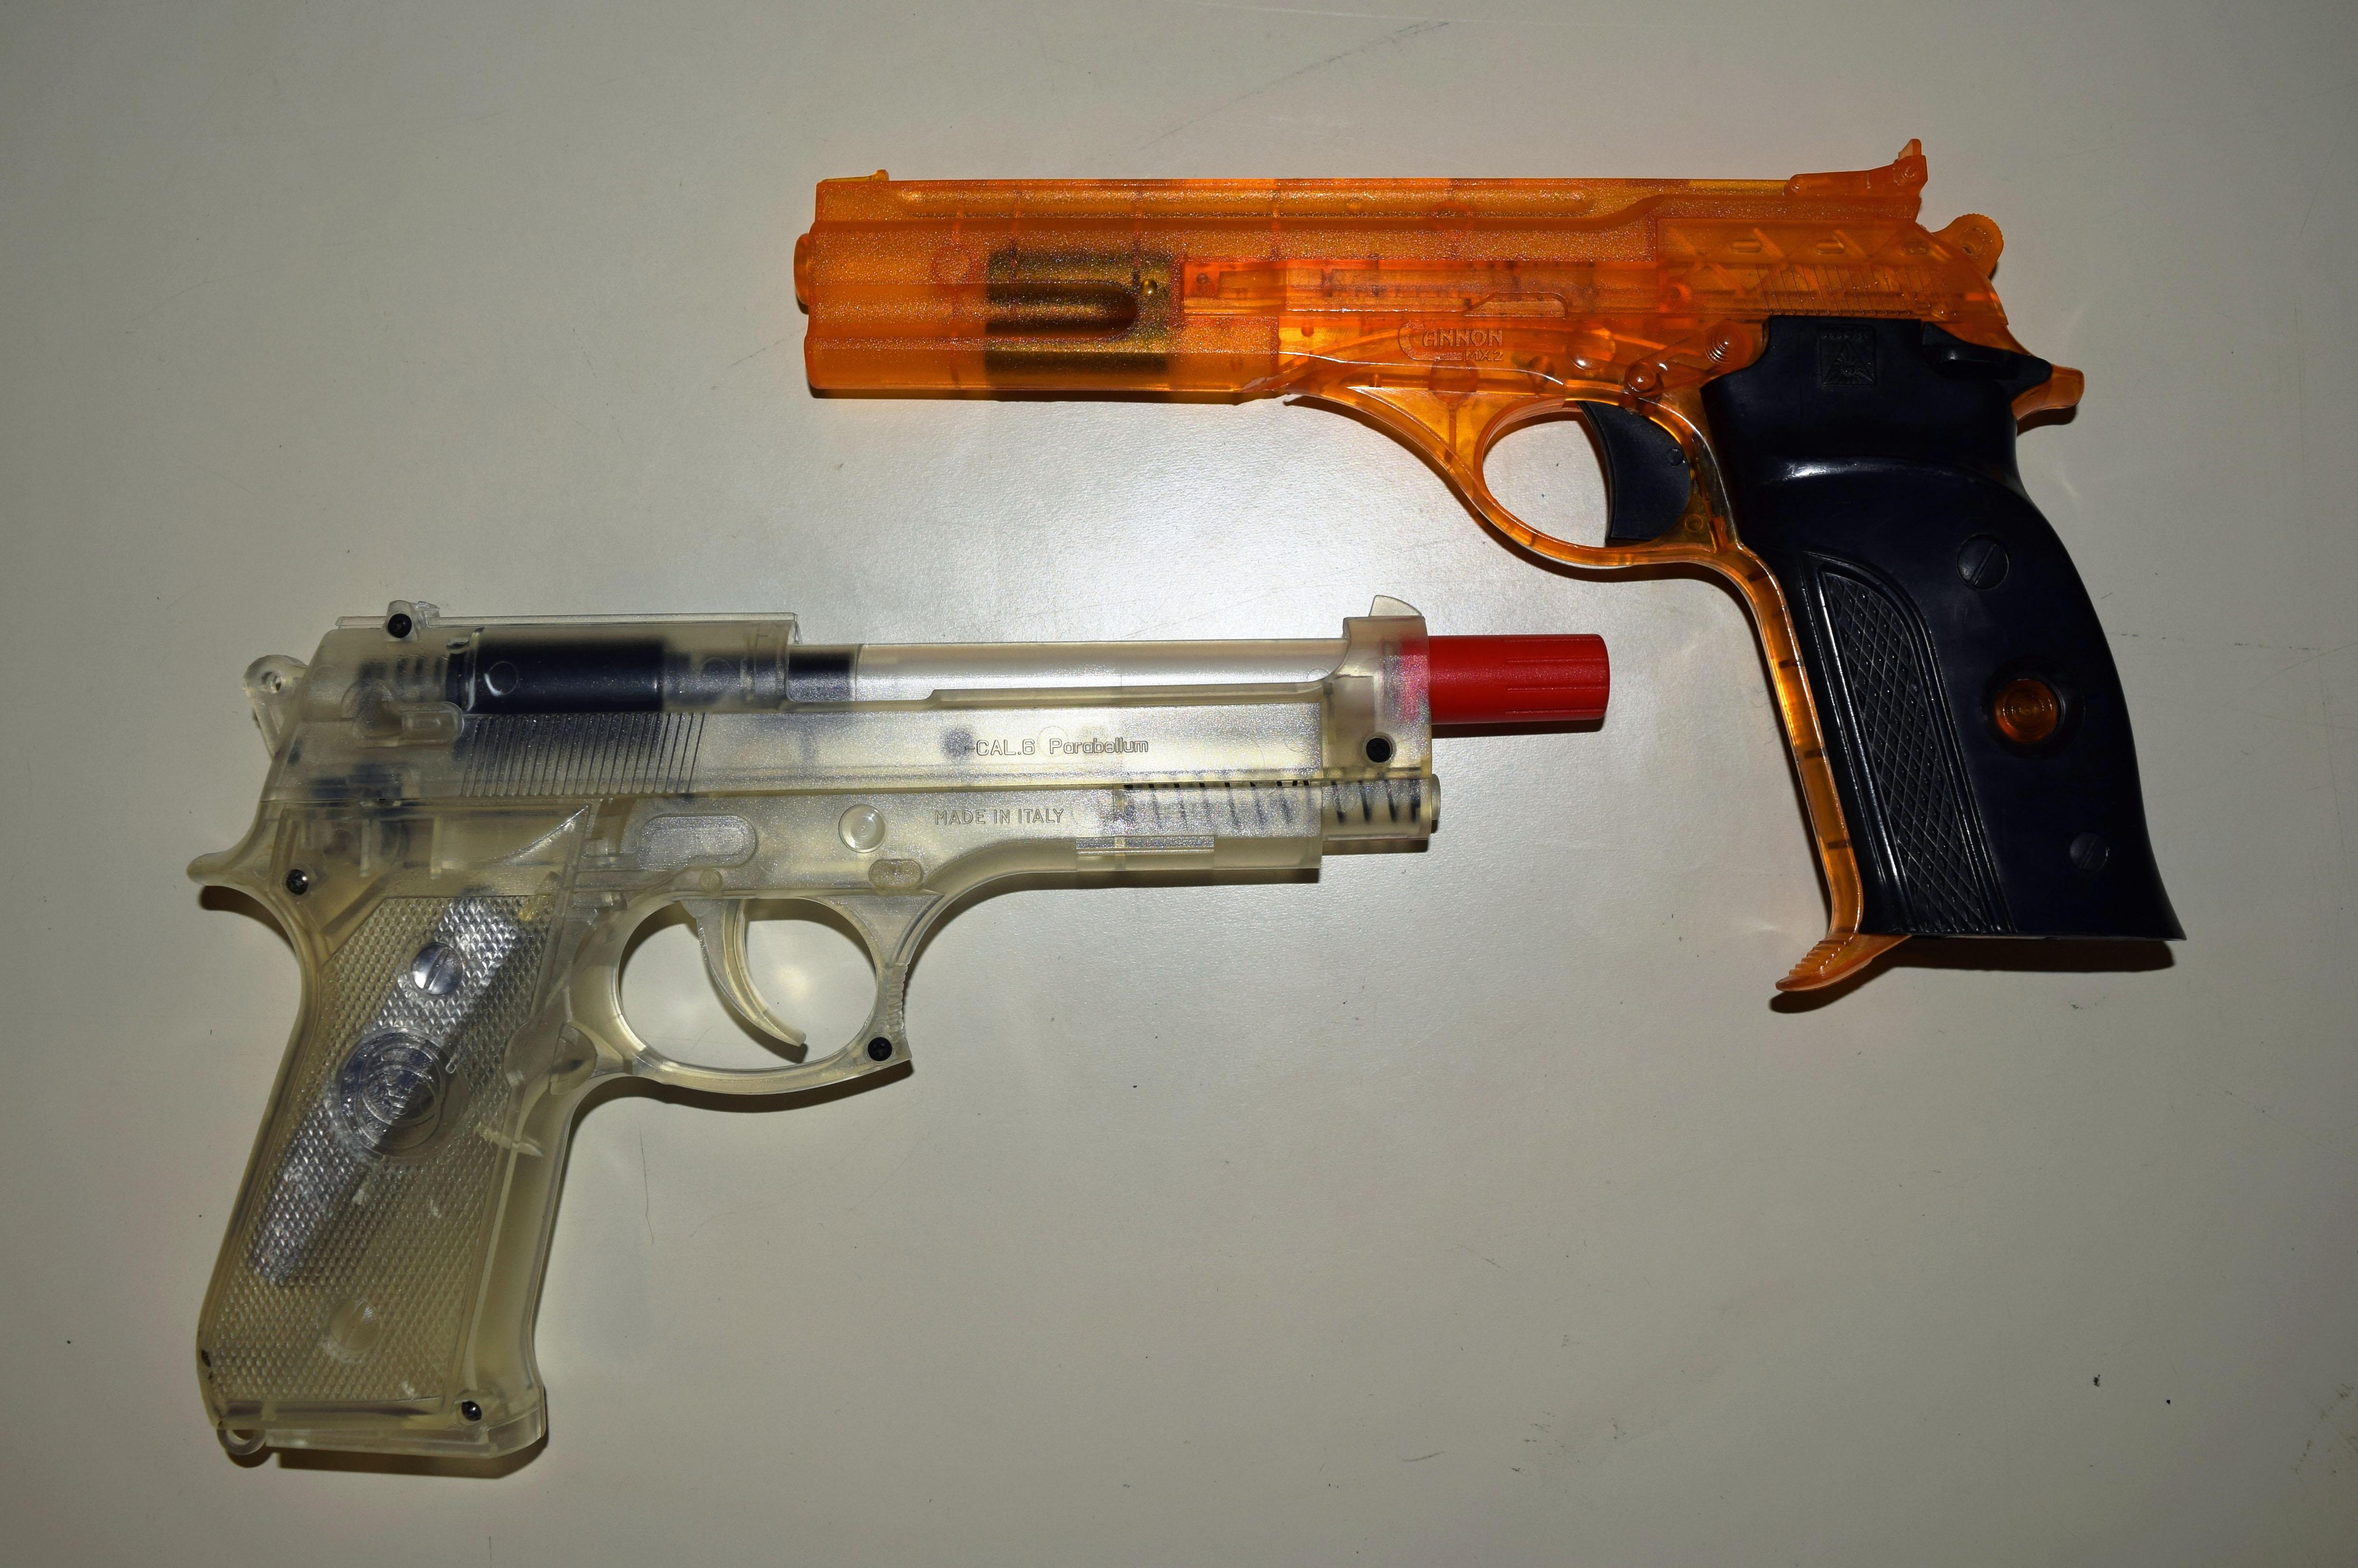 Erlaubt: Durchsichtige Spielzeugpistolen.